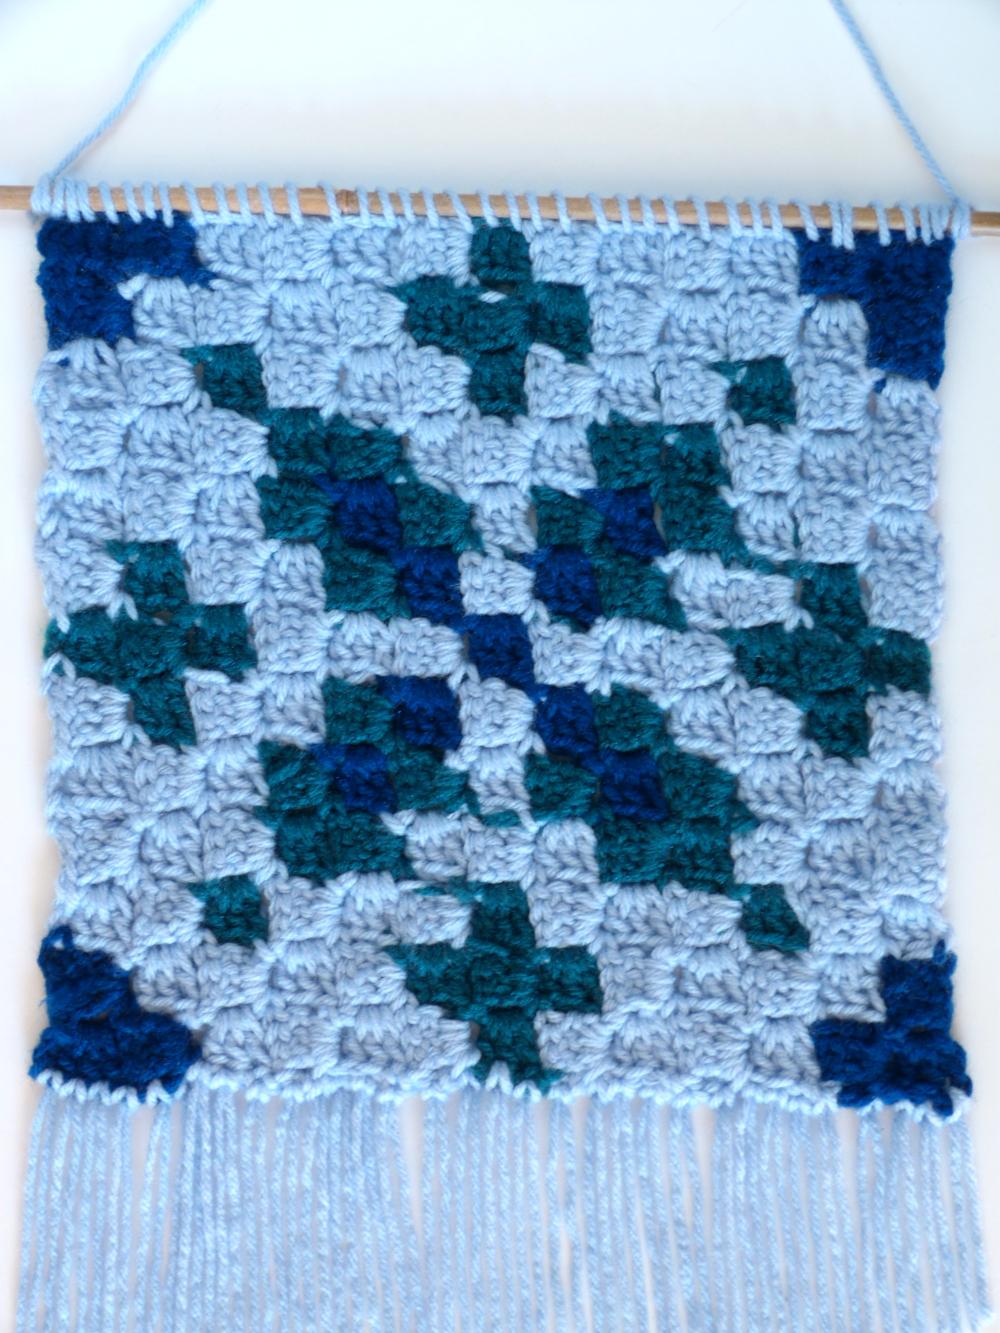 2. Winter Snowflake C2C Wall Hanging